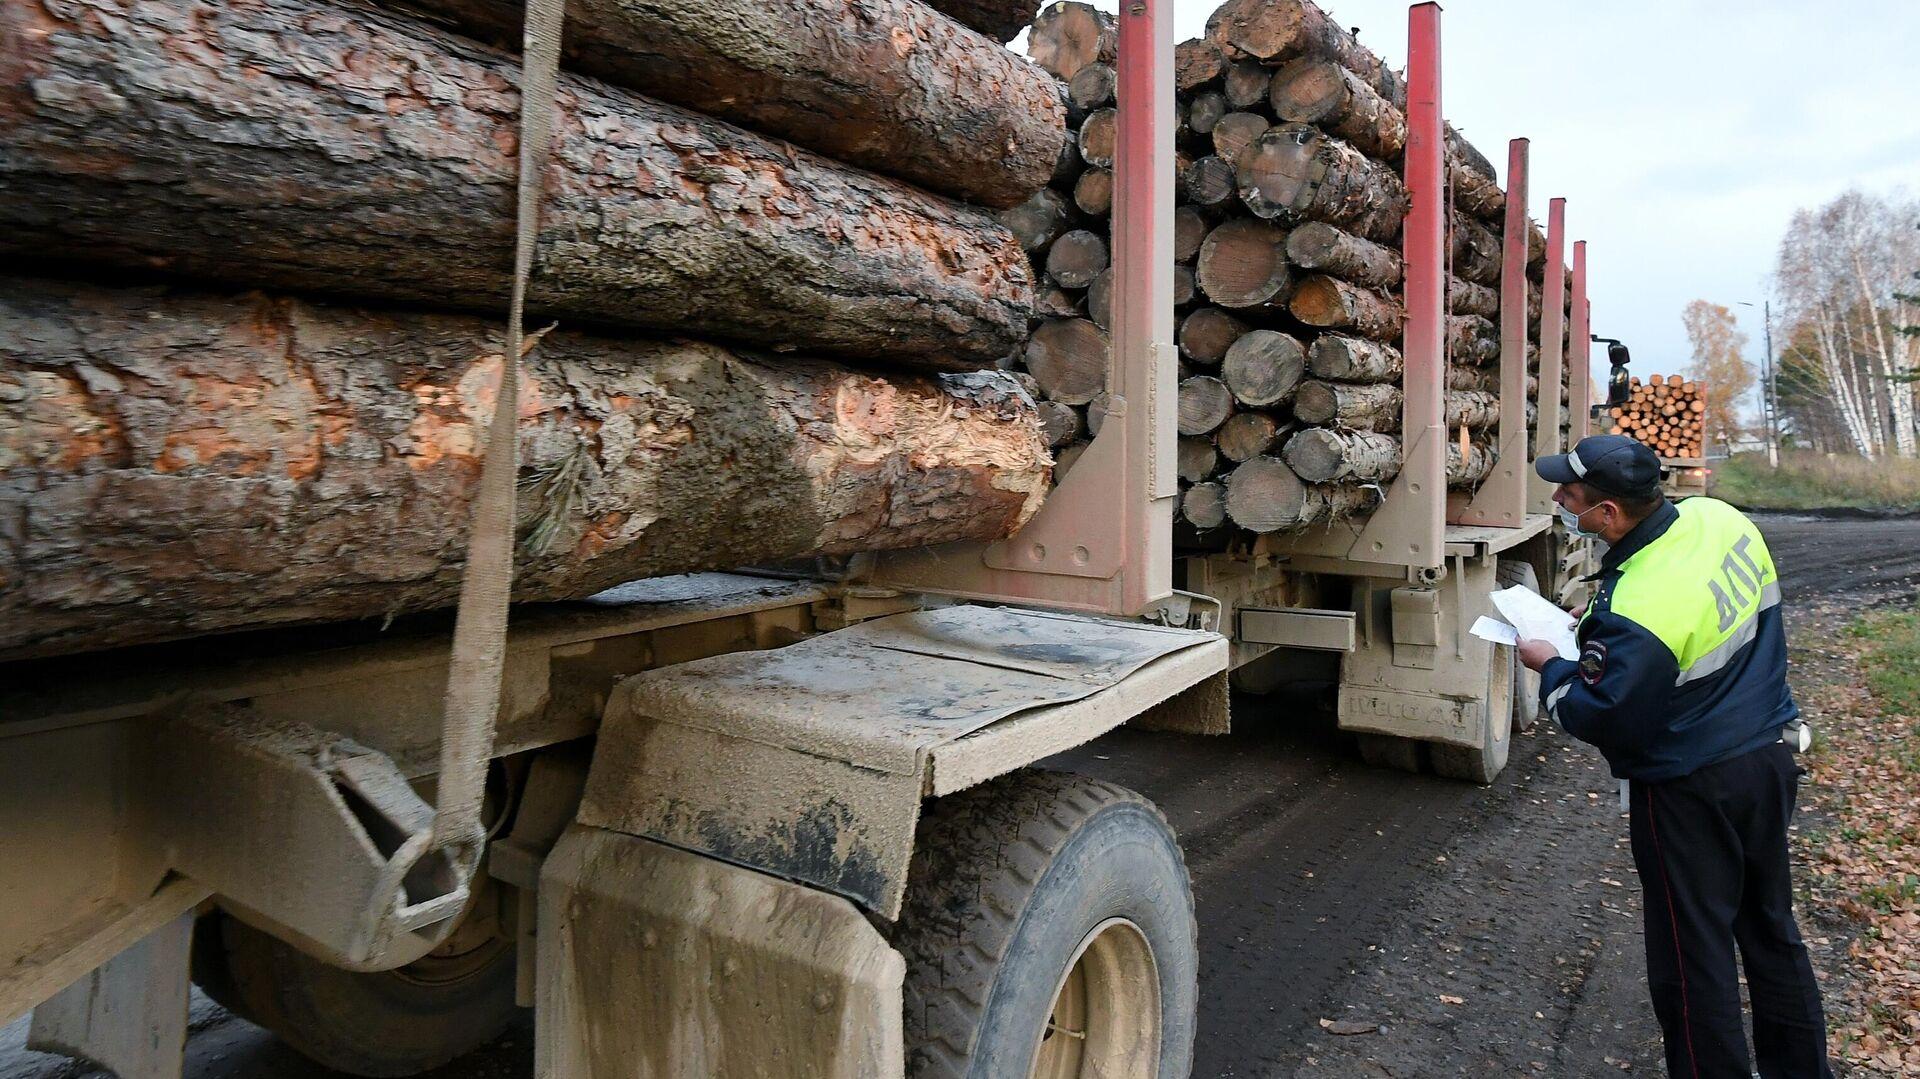 """1578157813 0:109:3051:1825 1920x0 80 0 0 8fc009e0cc489442de5e0db2e083064c - """"Невозможно терпеть"""": Путин прокомментировал запрет вывоза леса-кругляка"""